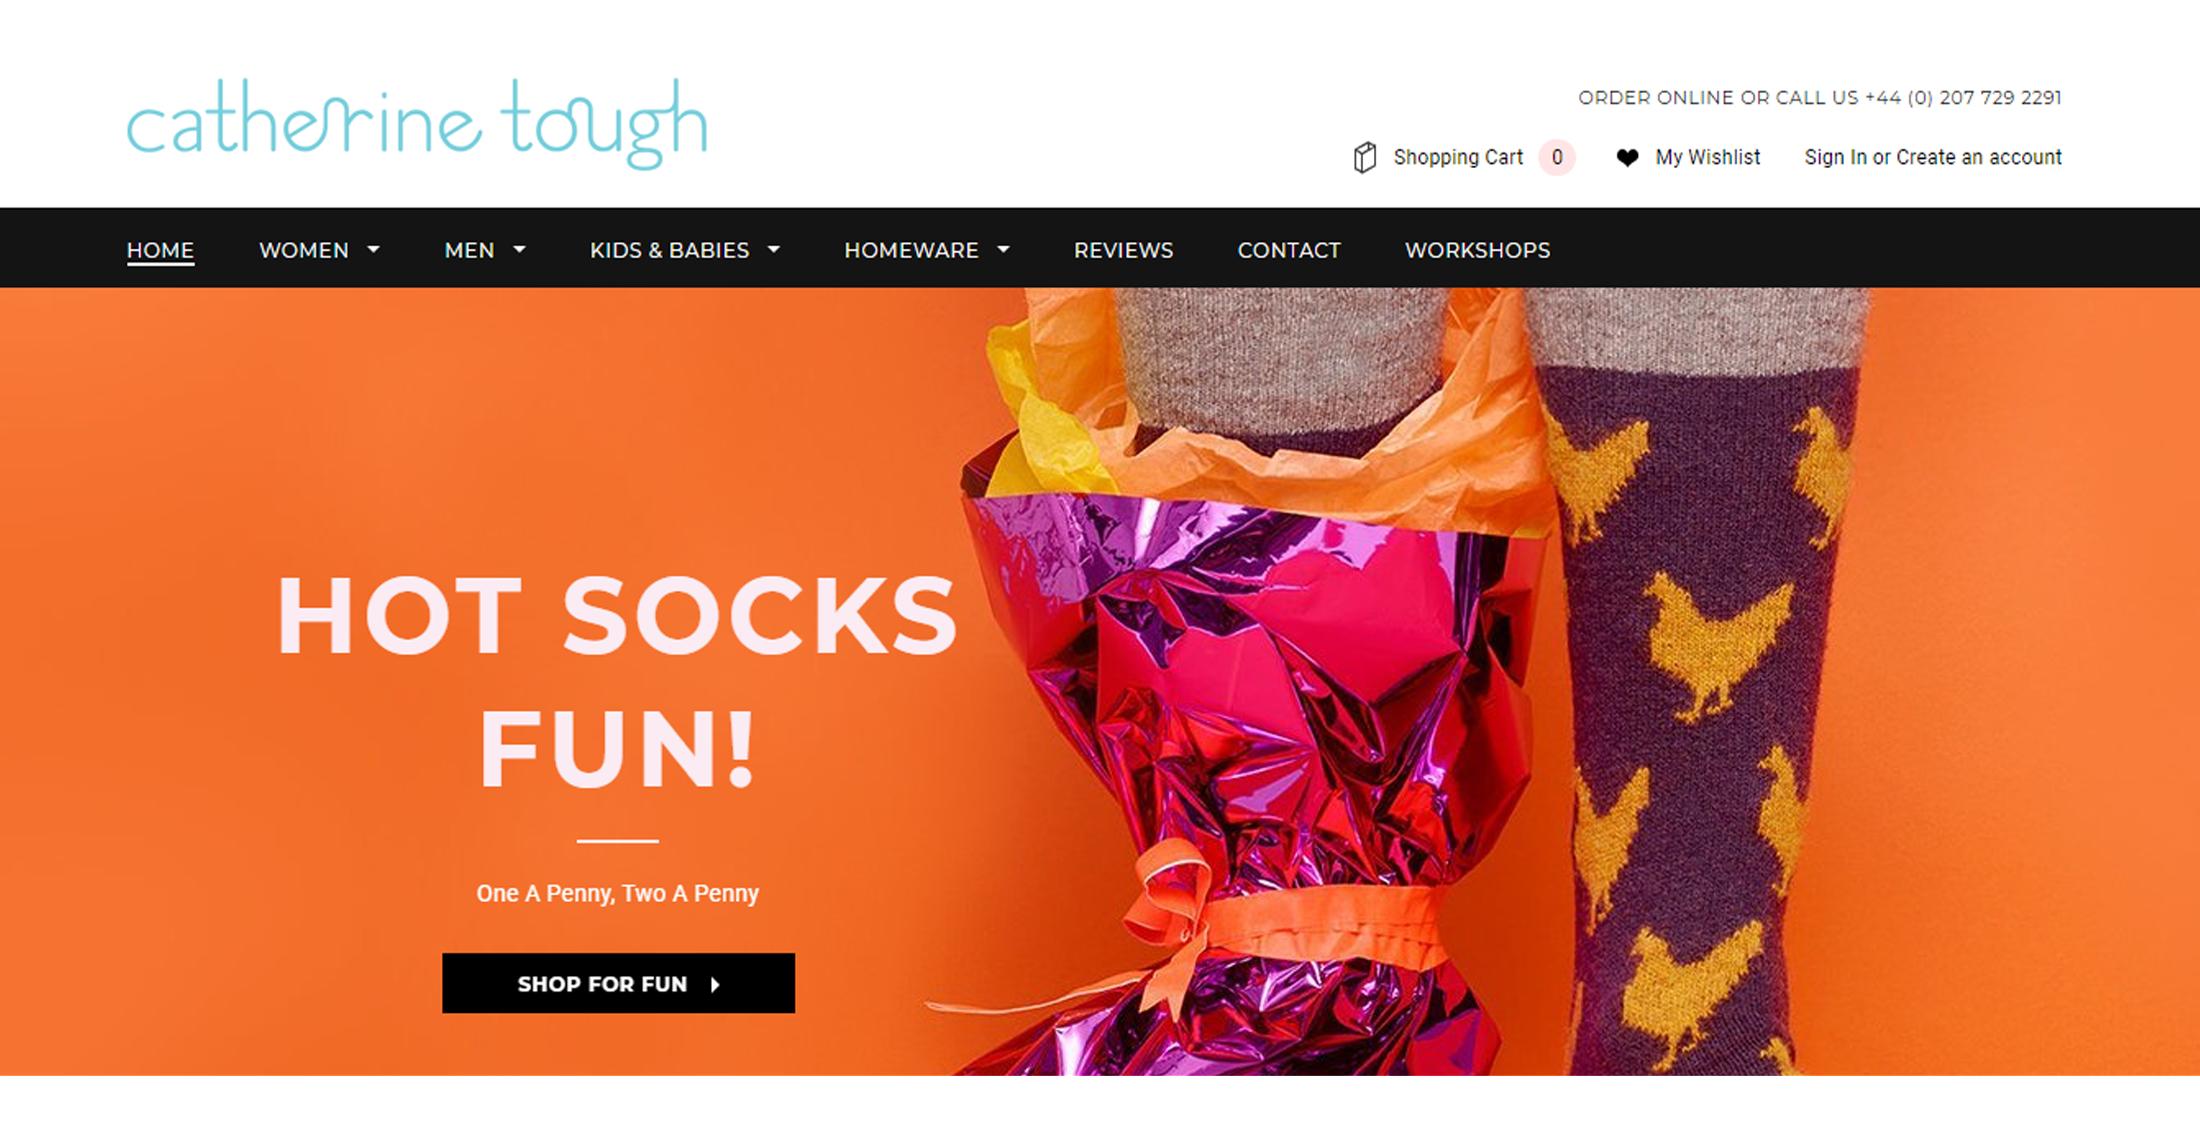 retail fashion ecommerce web designer agency